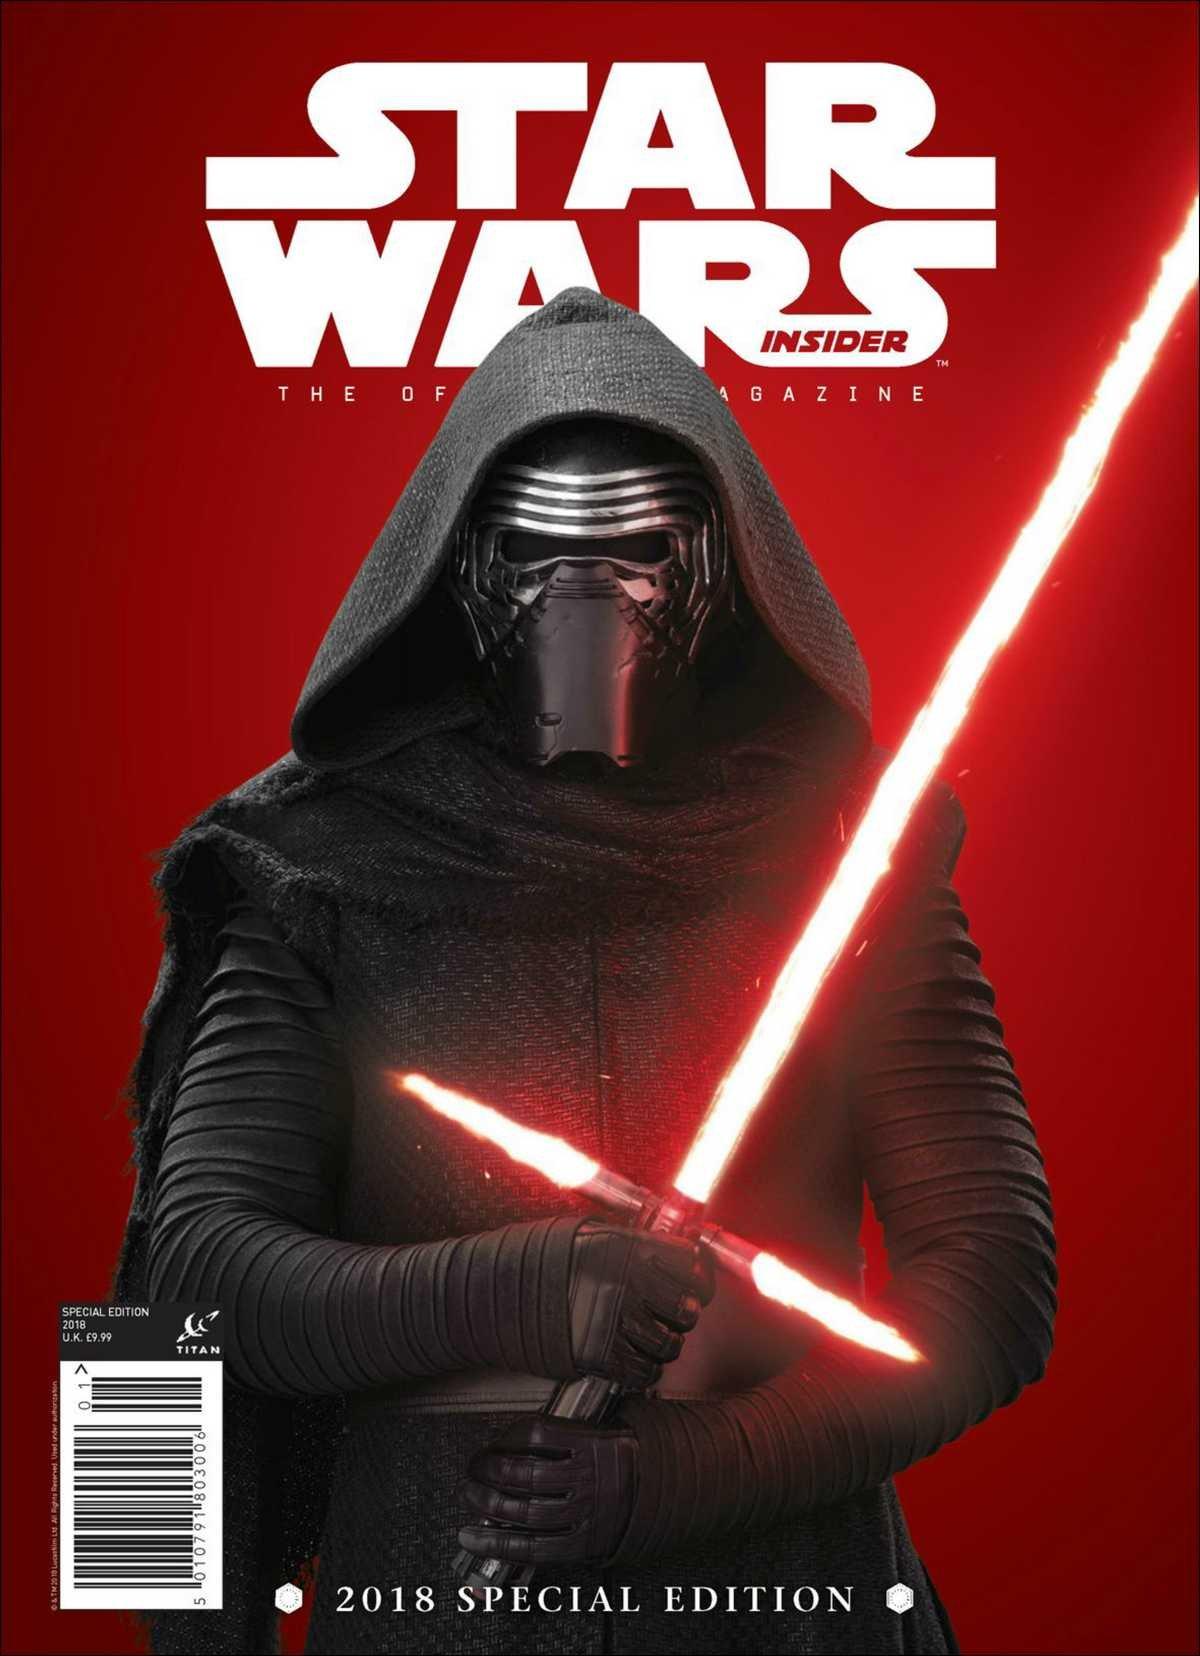 Star Wars Insider Special Edition 2018